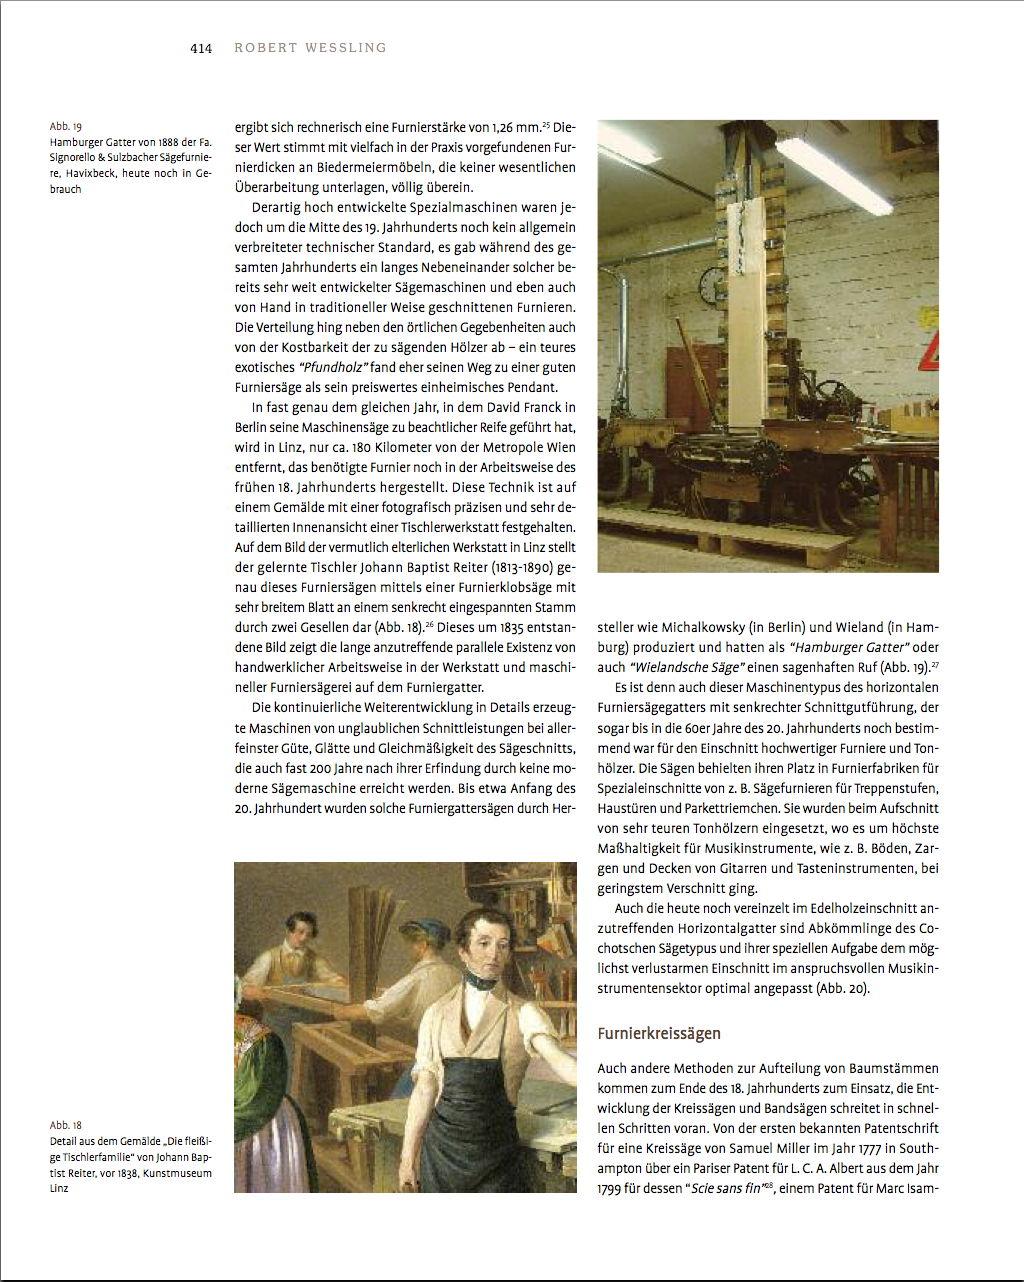 Galerie - Bild 10